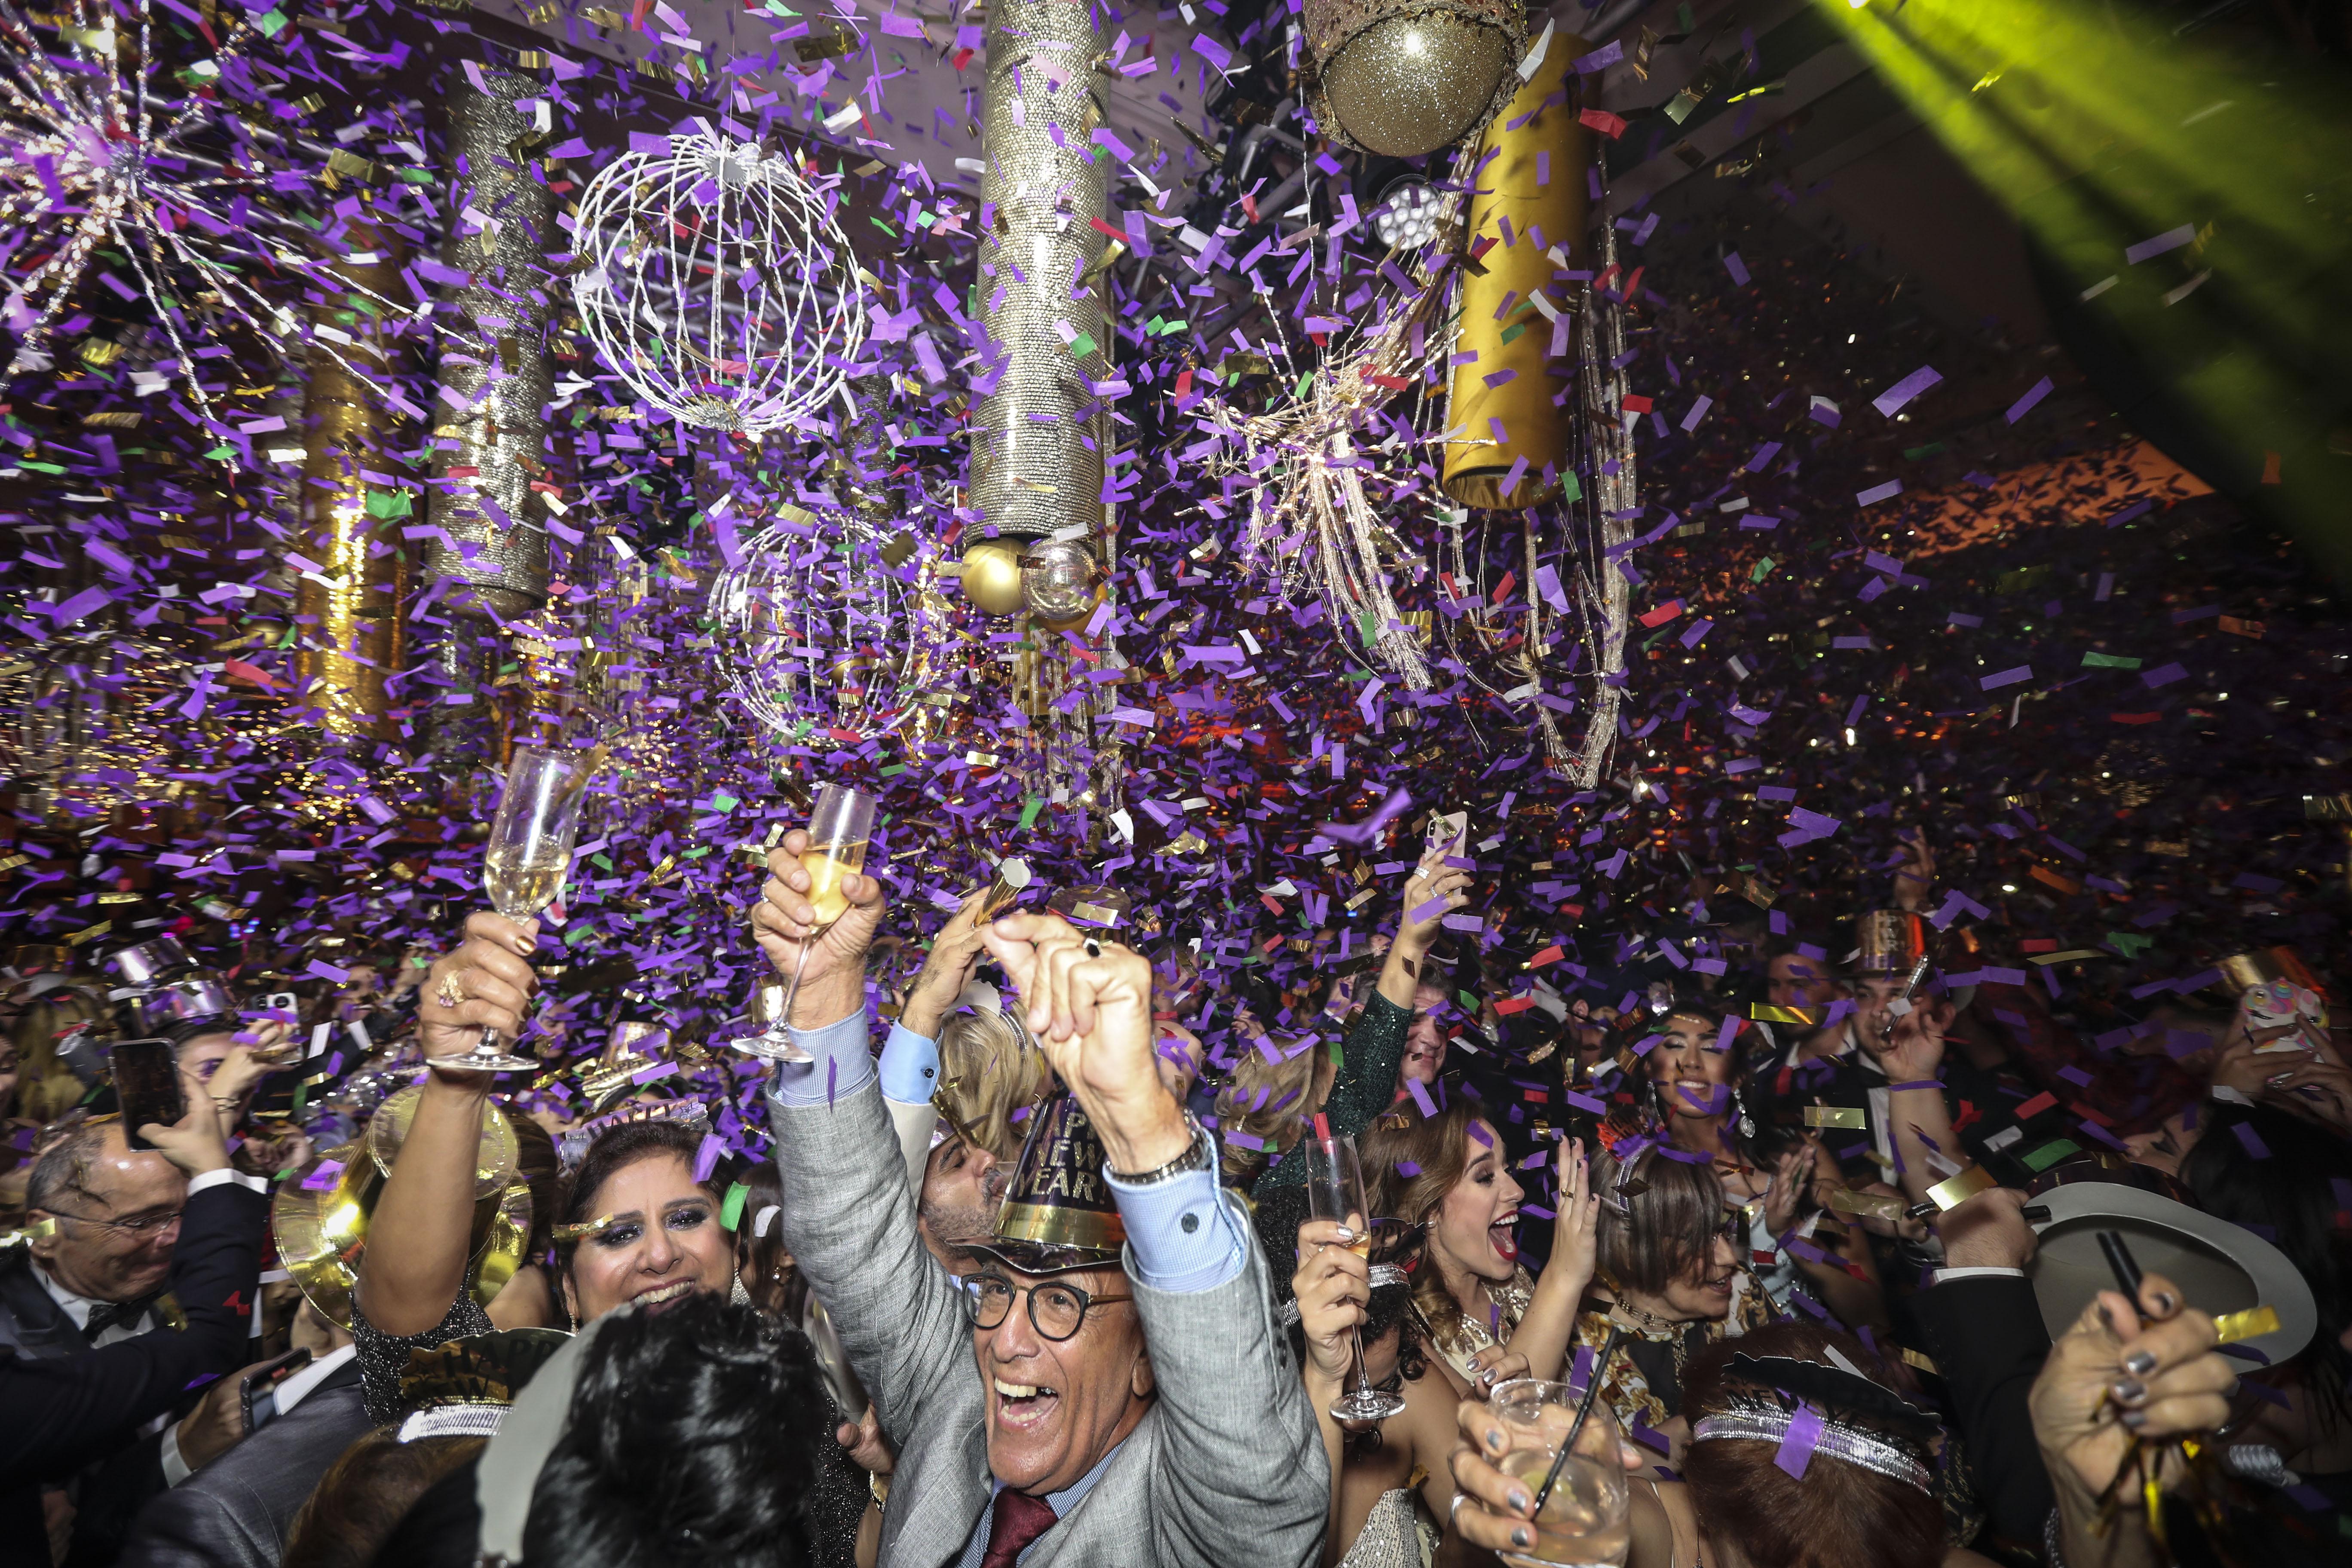 A  medianoche los invitados recibieron el 2020 con una lluvia de confeti alusivo a los artes del evento el cual fue coordinado por Music Factory. (Suministrada)